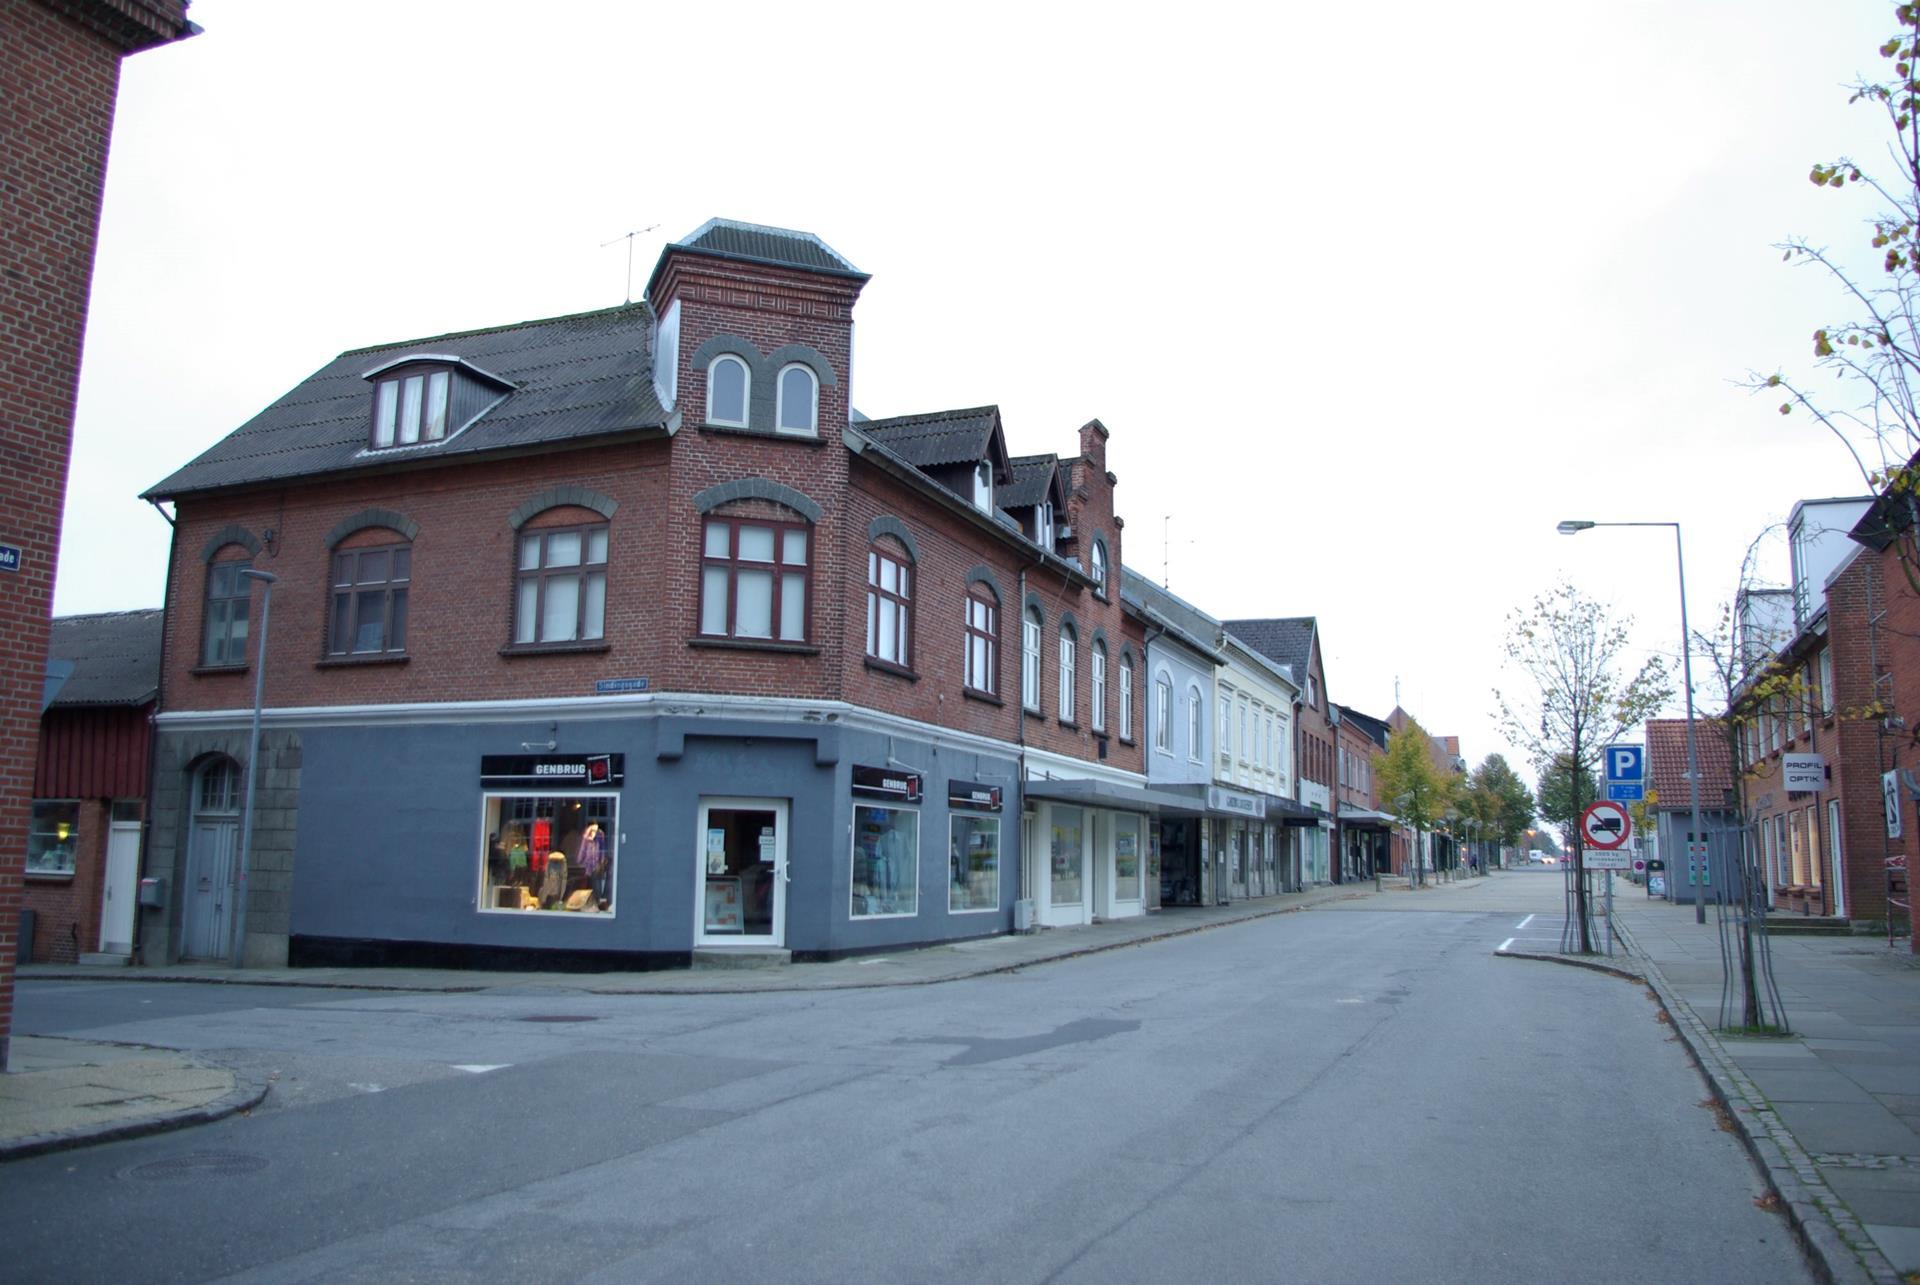 Bolig/erhverv på Søndergade i Kjellerup - Andet